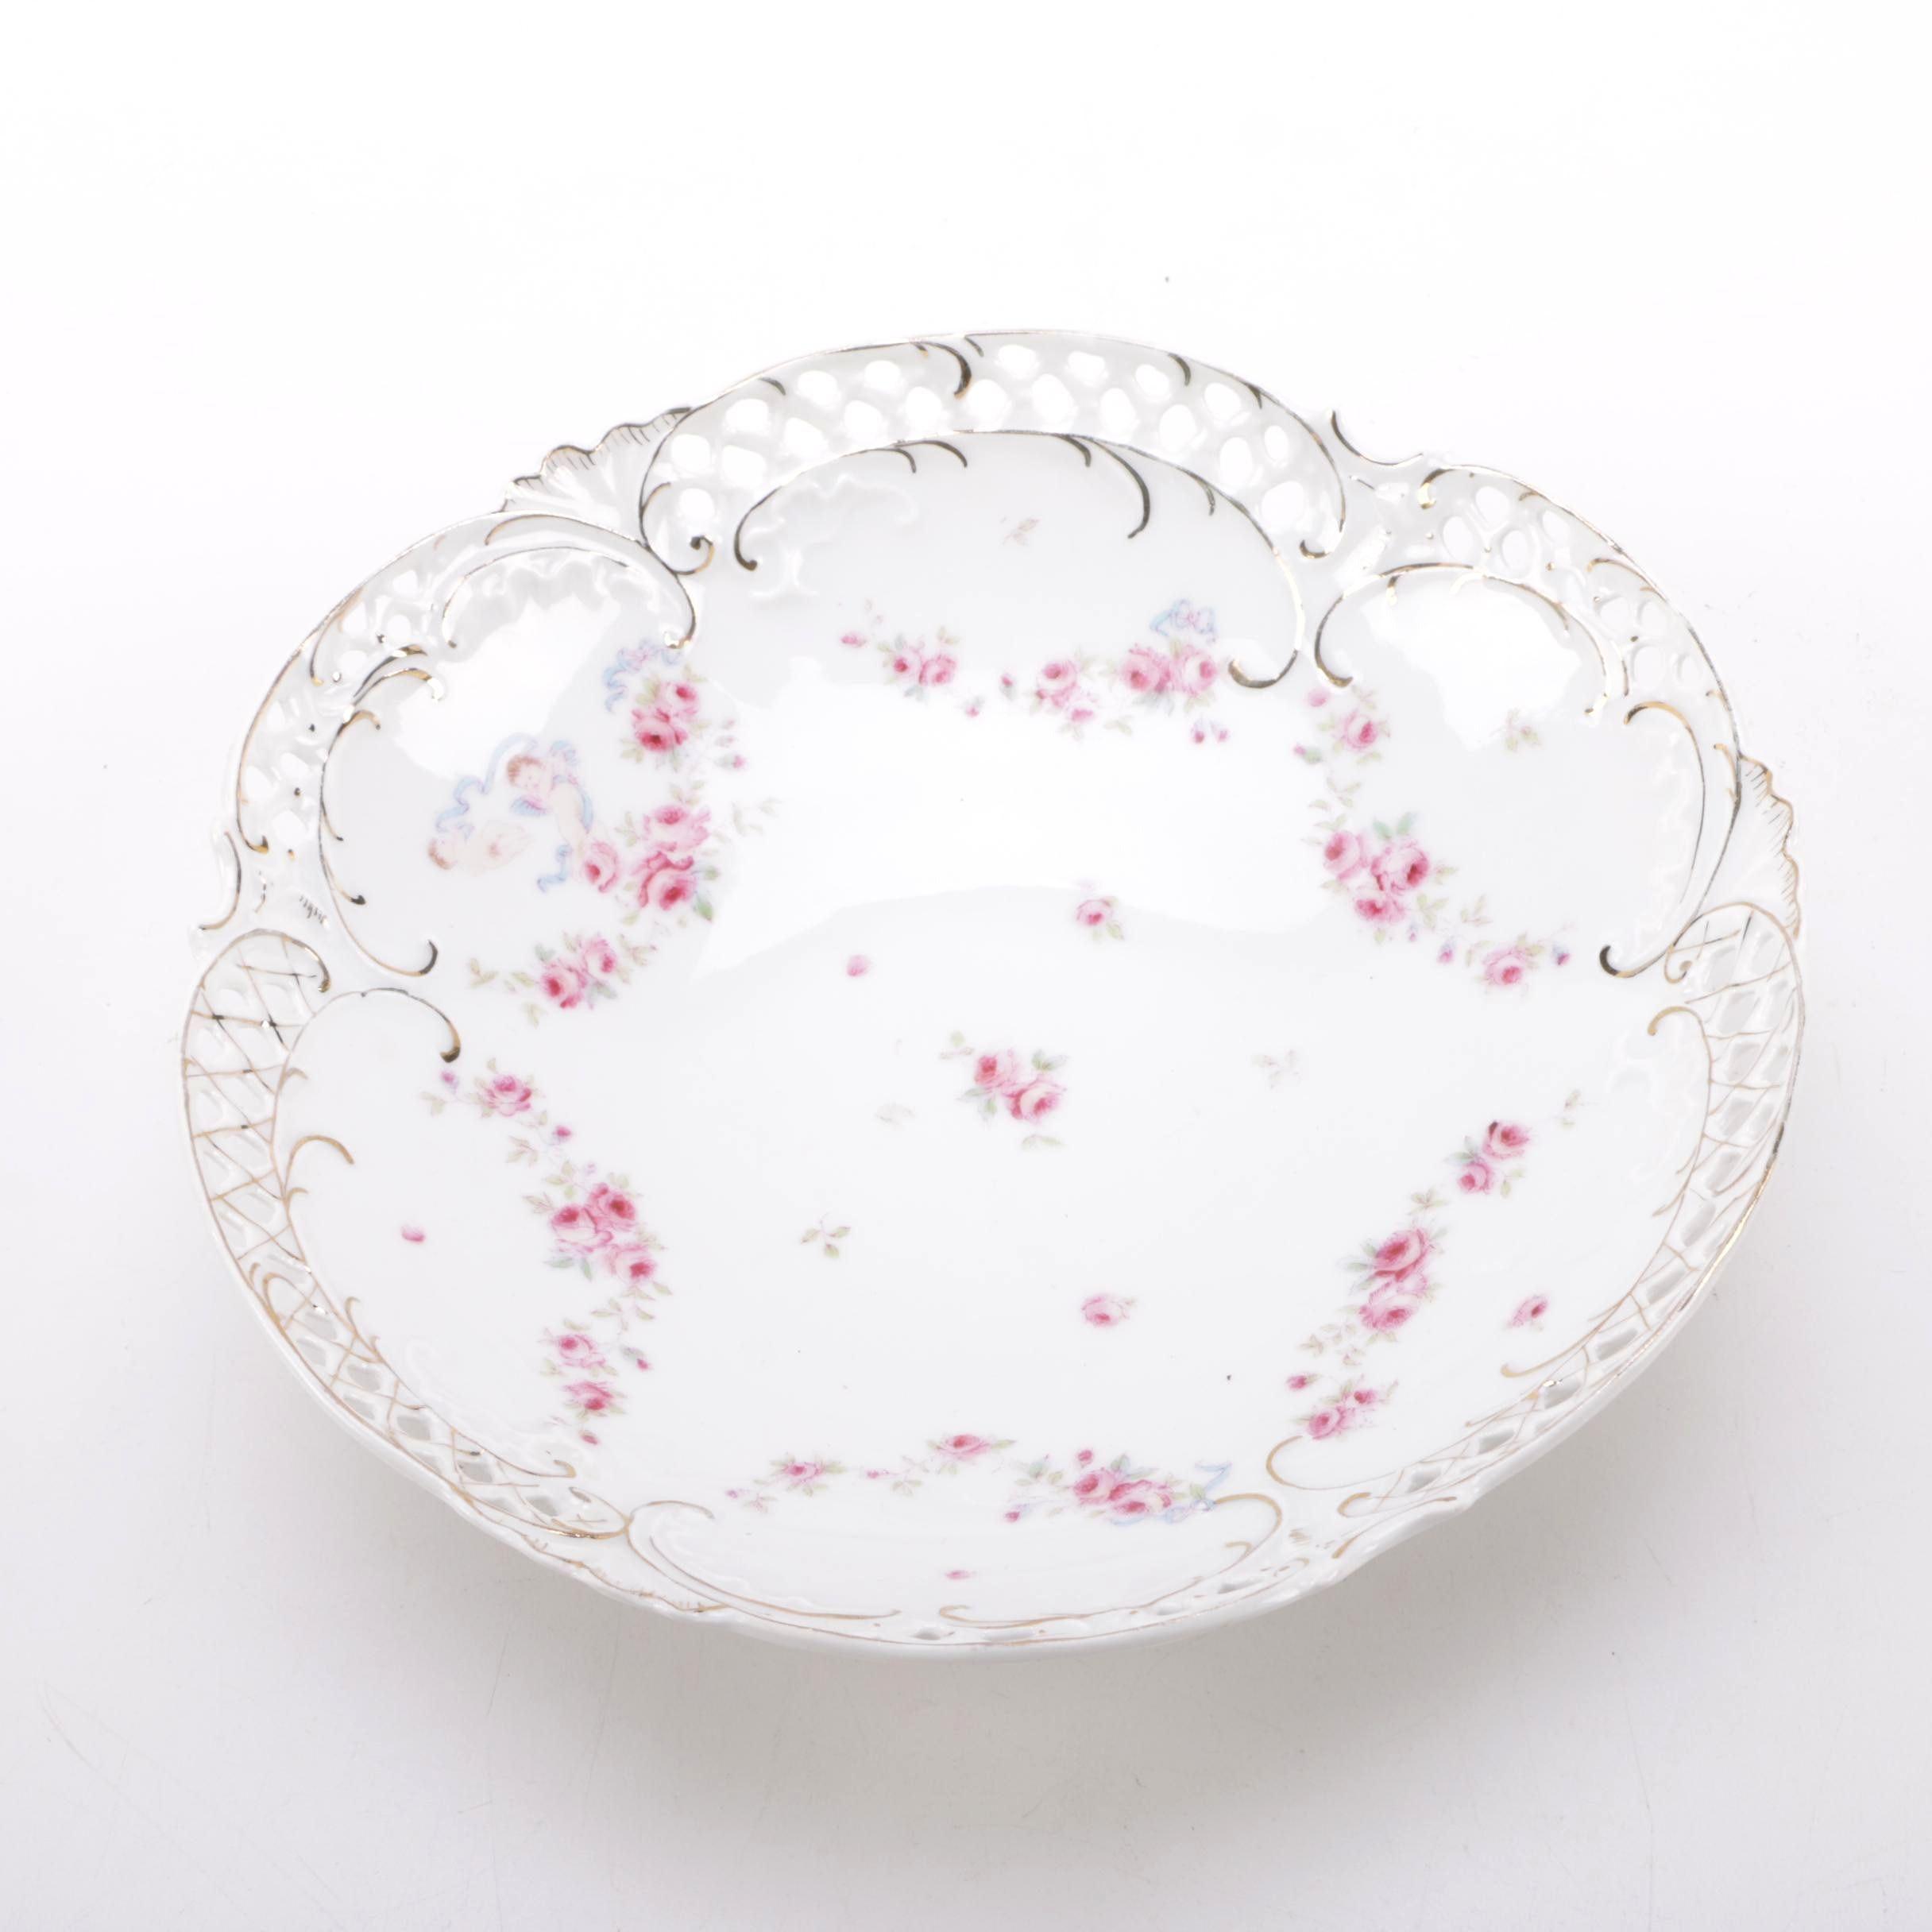 Decorative German Floral Porcelain Bowl